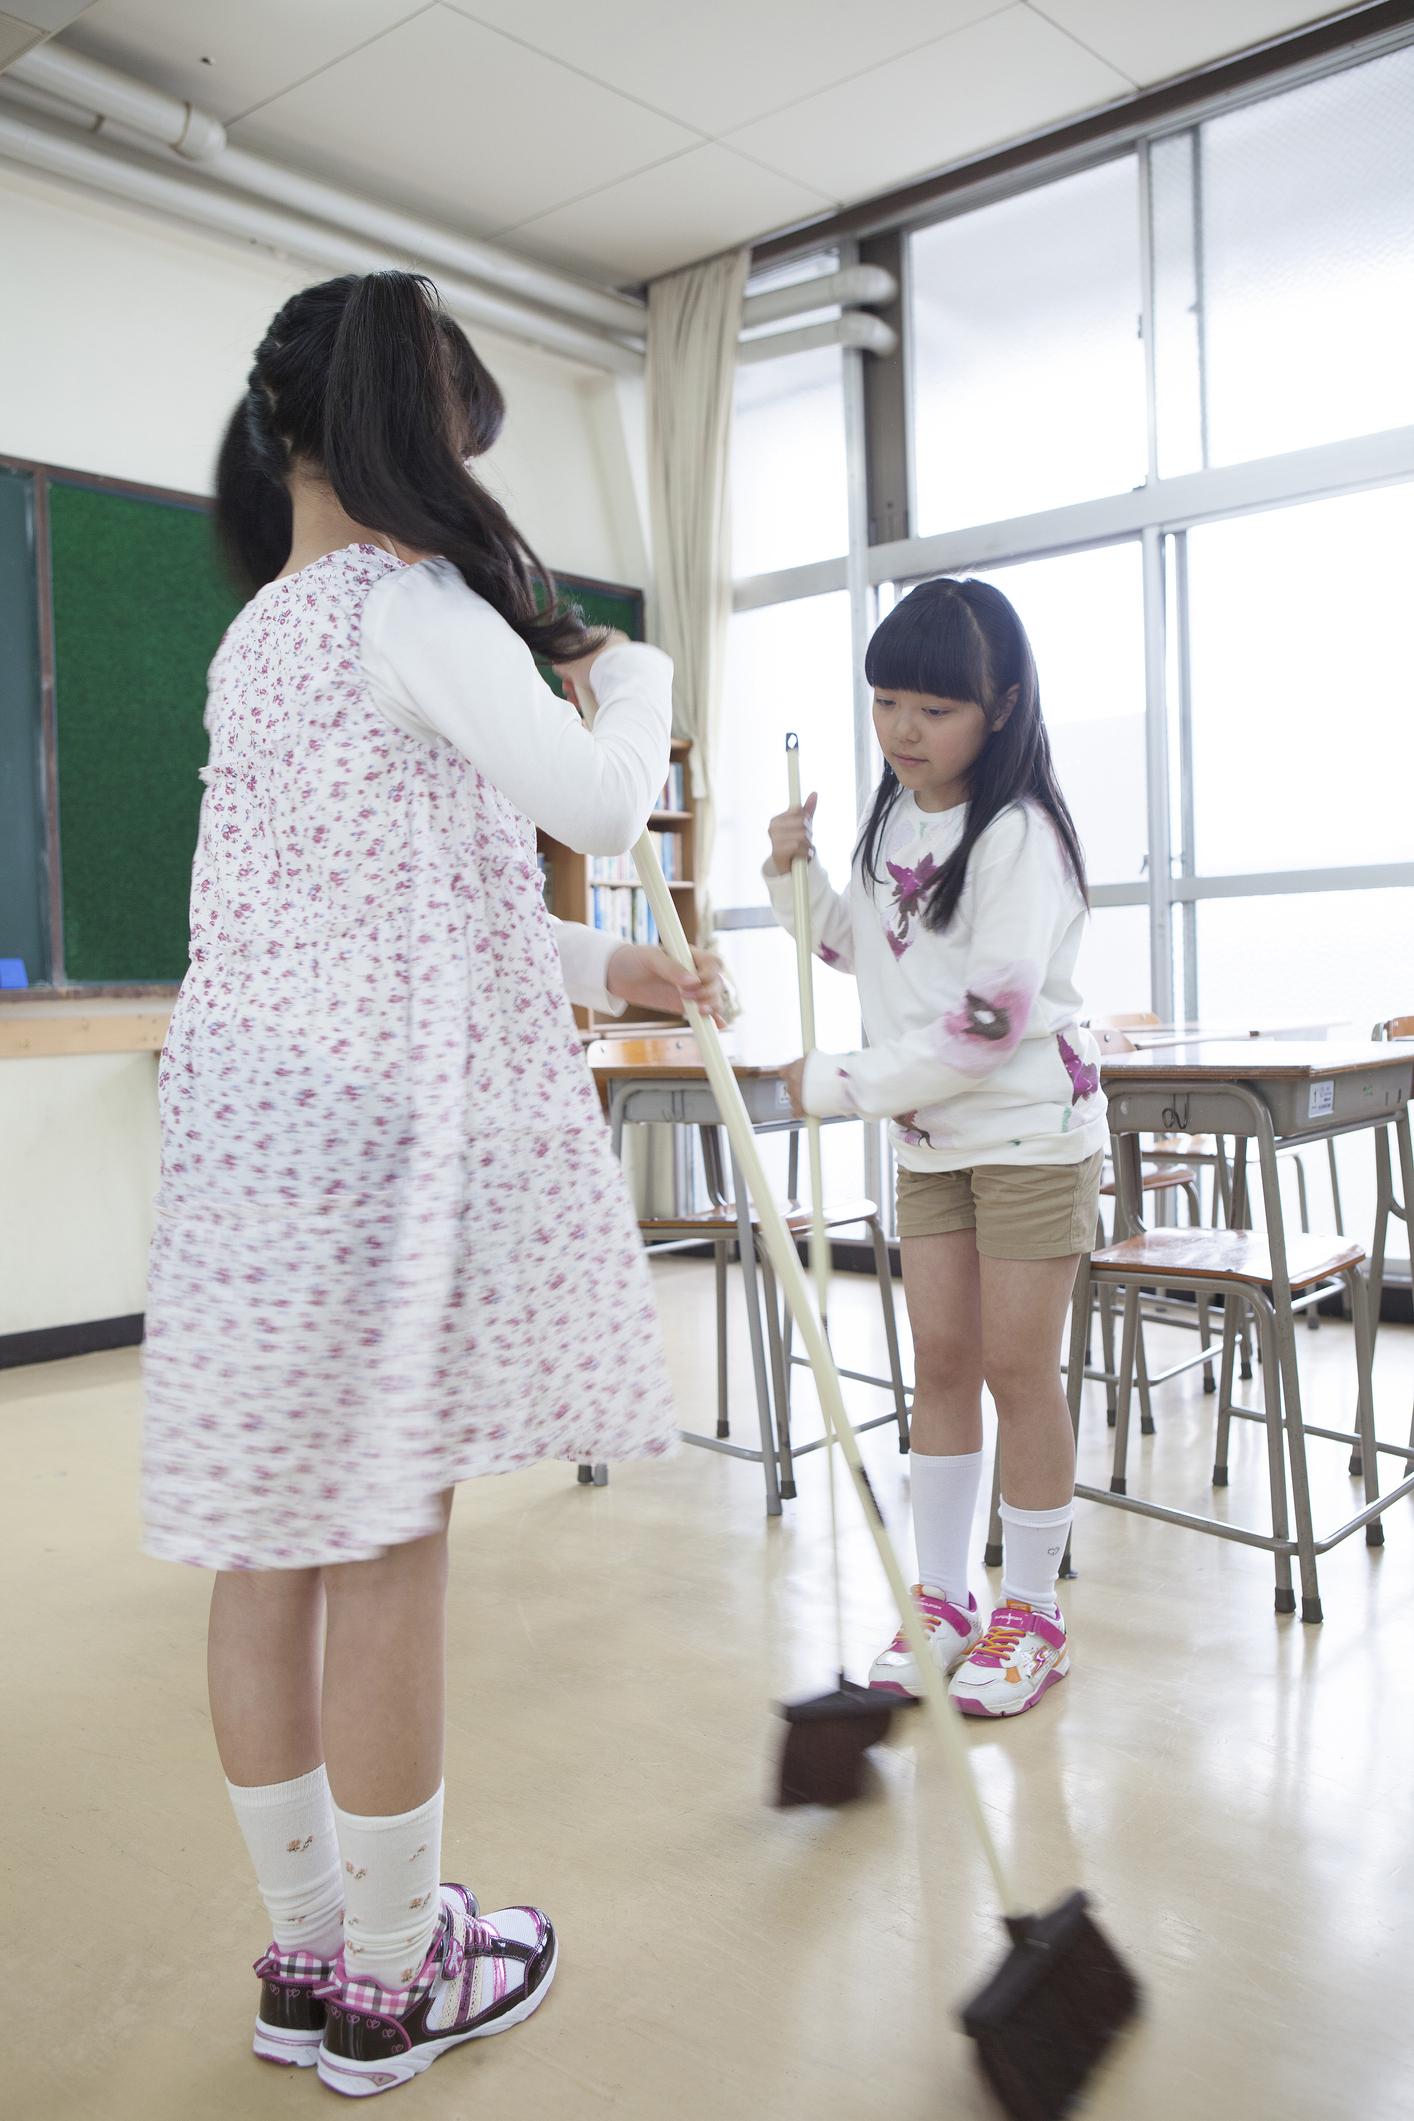 5. Os alunos são responsáveis pela limpeza